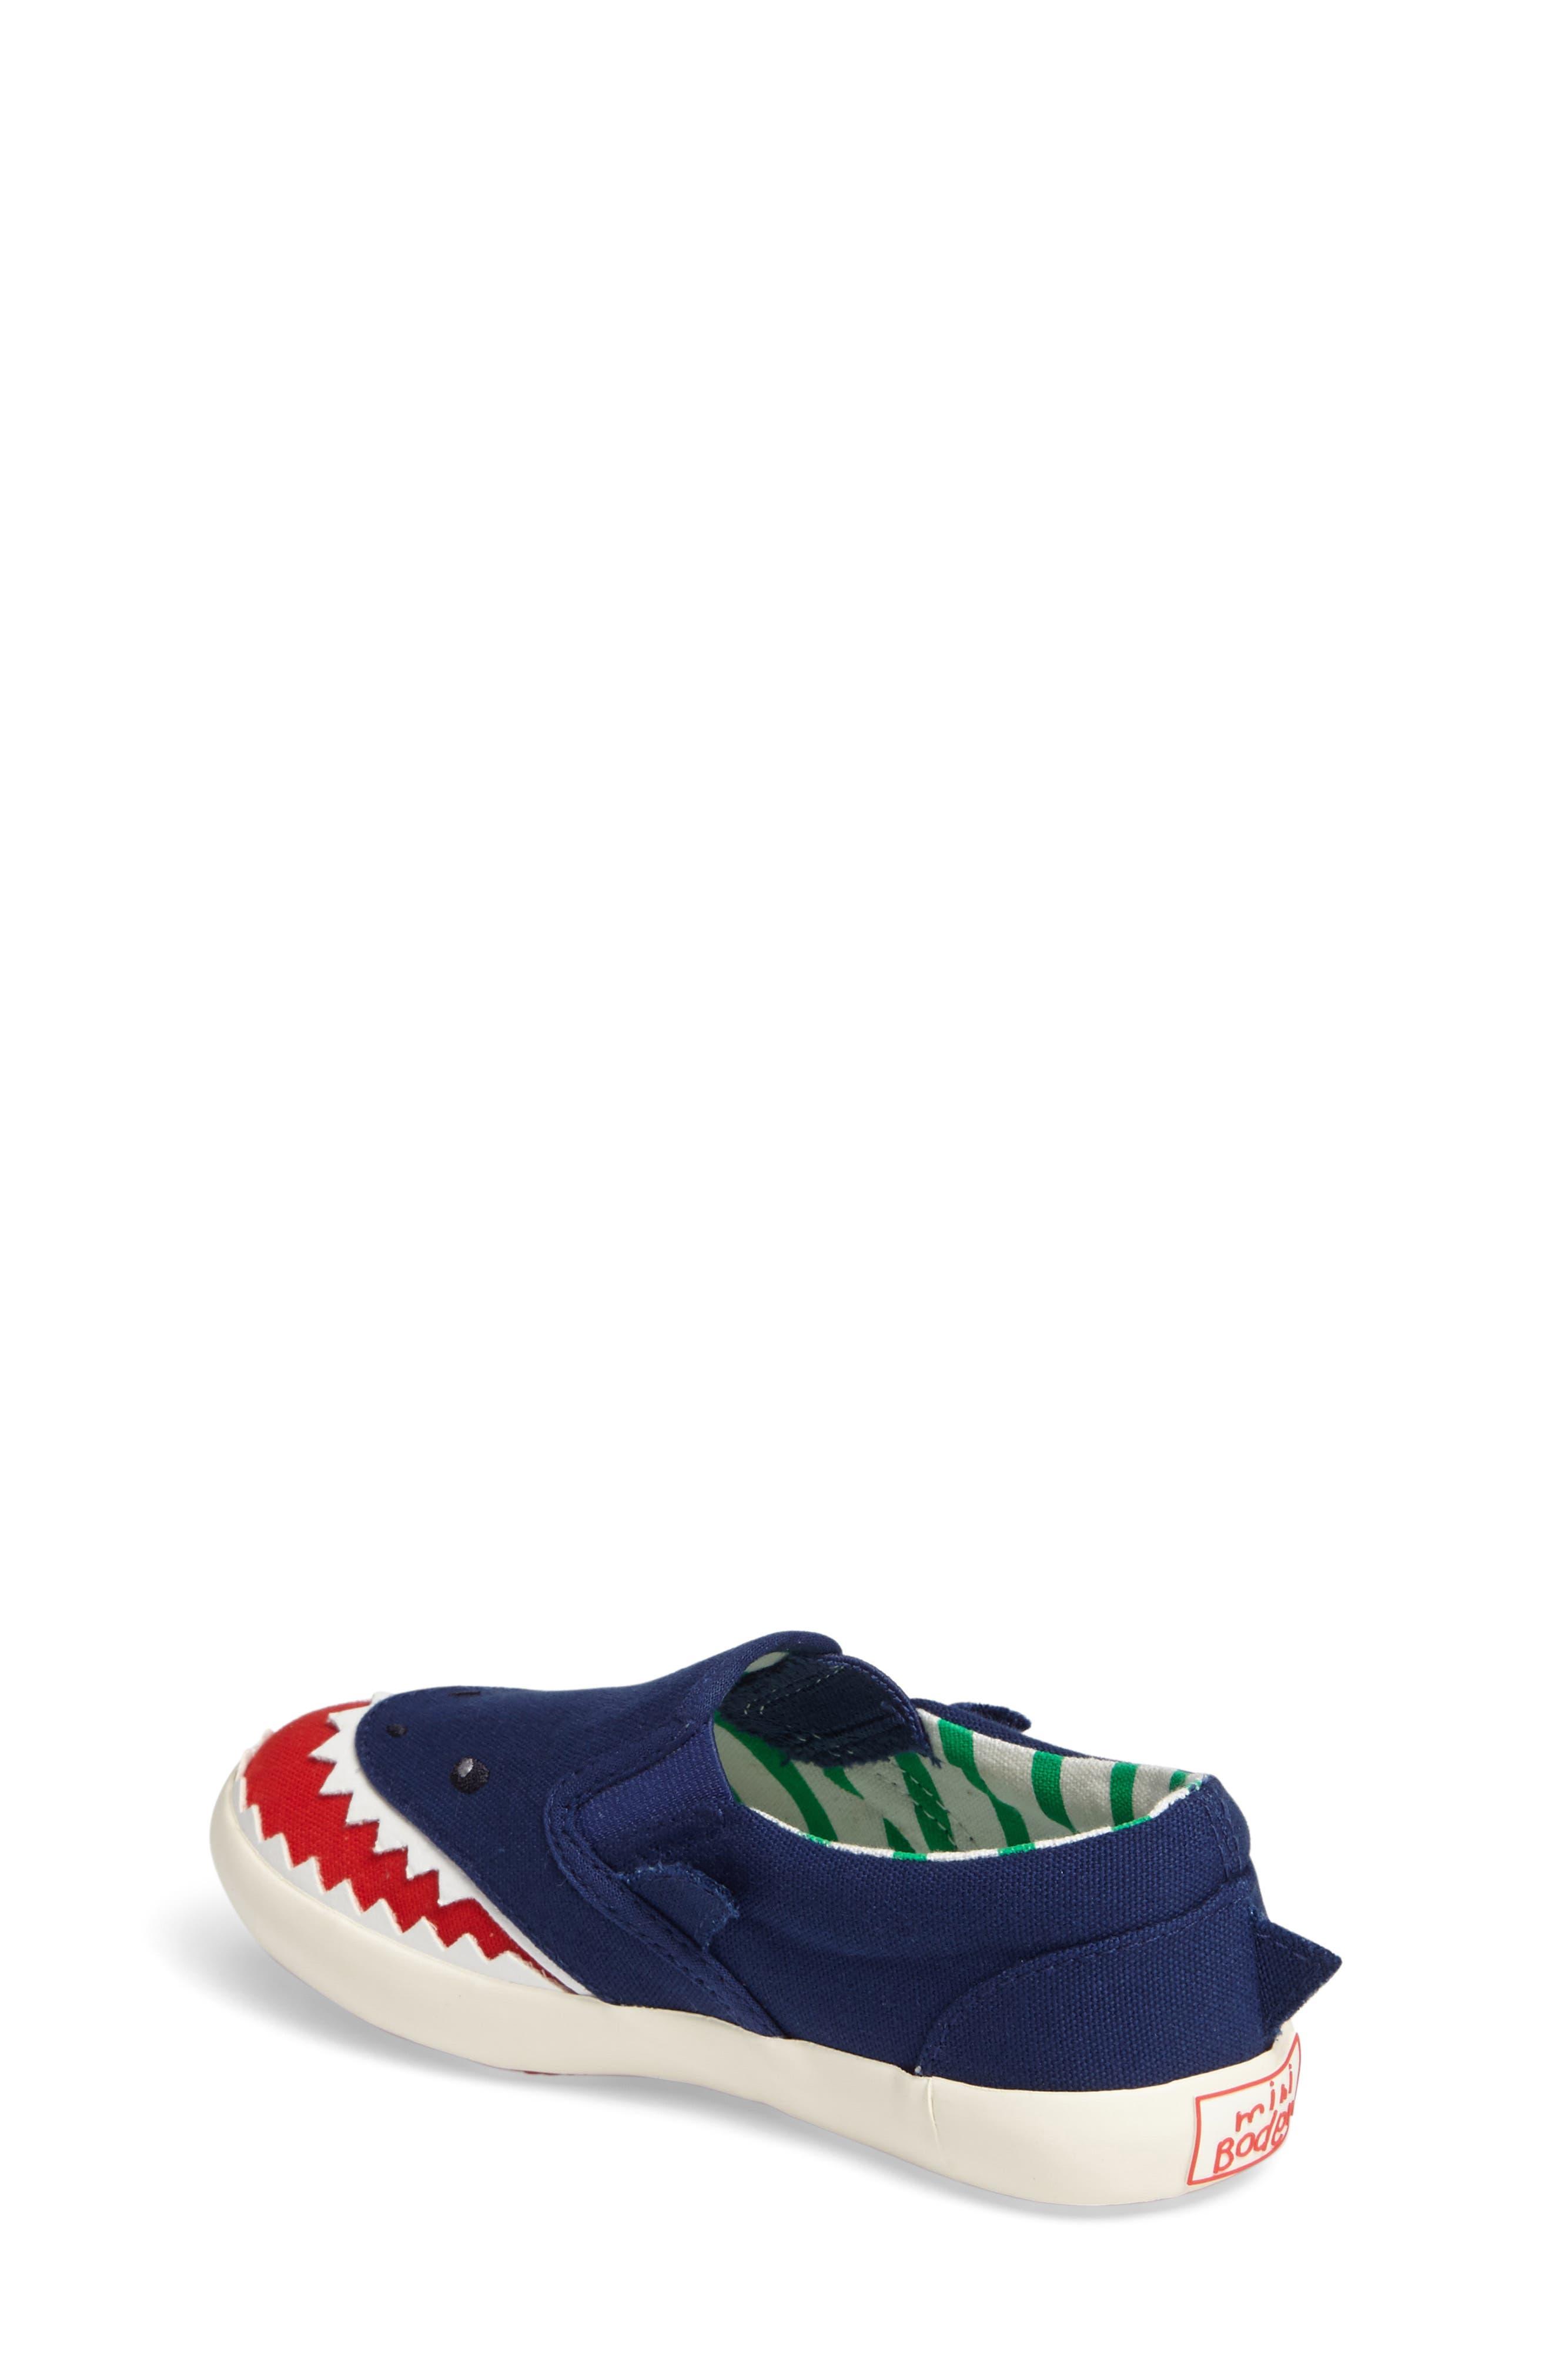 Alternate Image 2  - Mini Boden Slip-On Sneaker (Toddler, Little Kid & Big Kid)